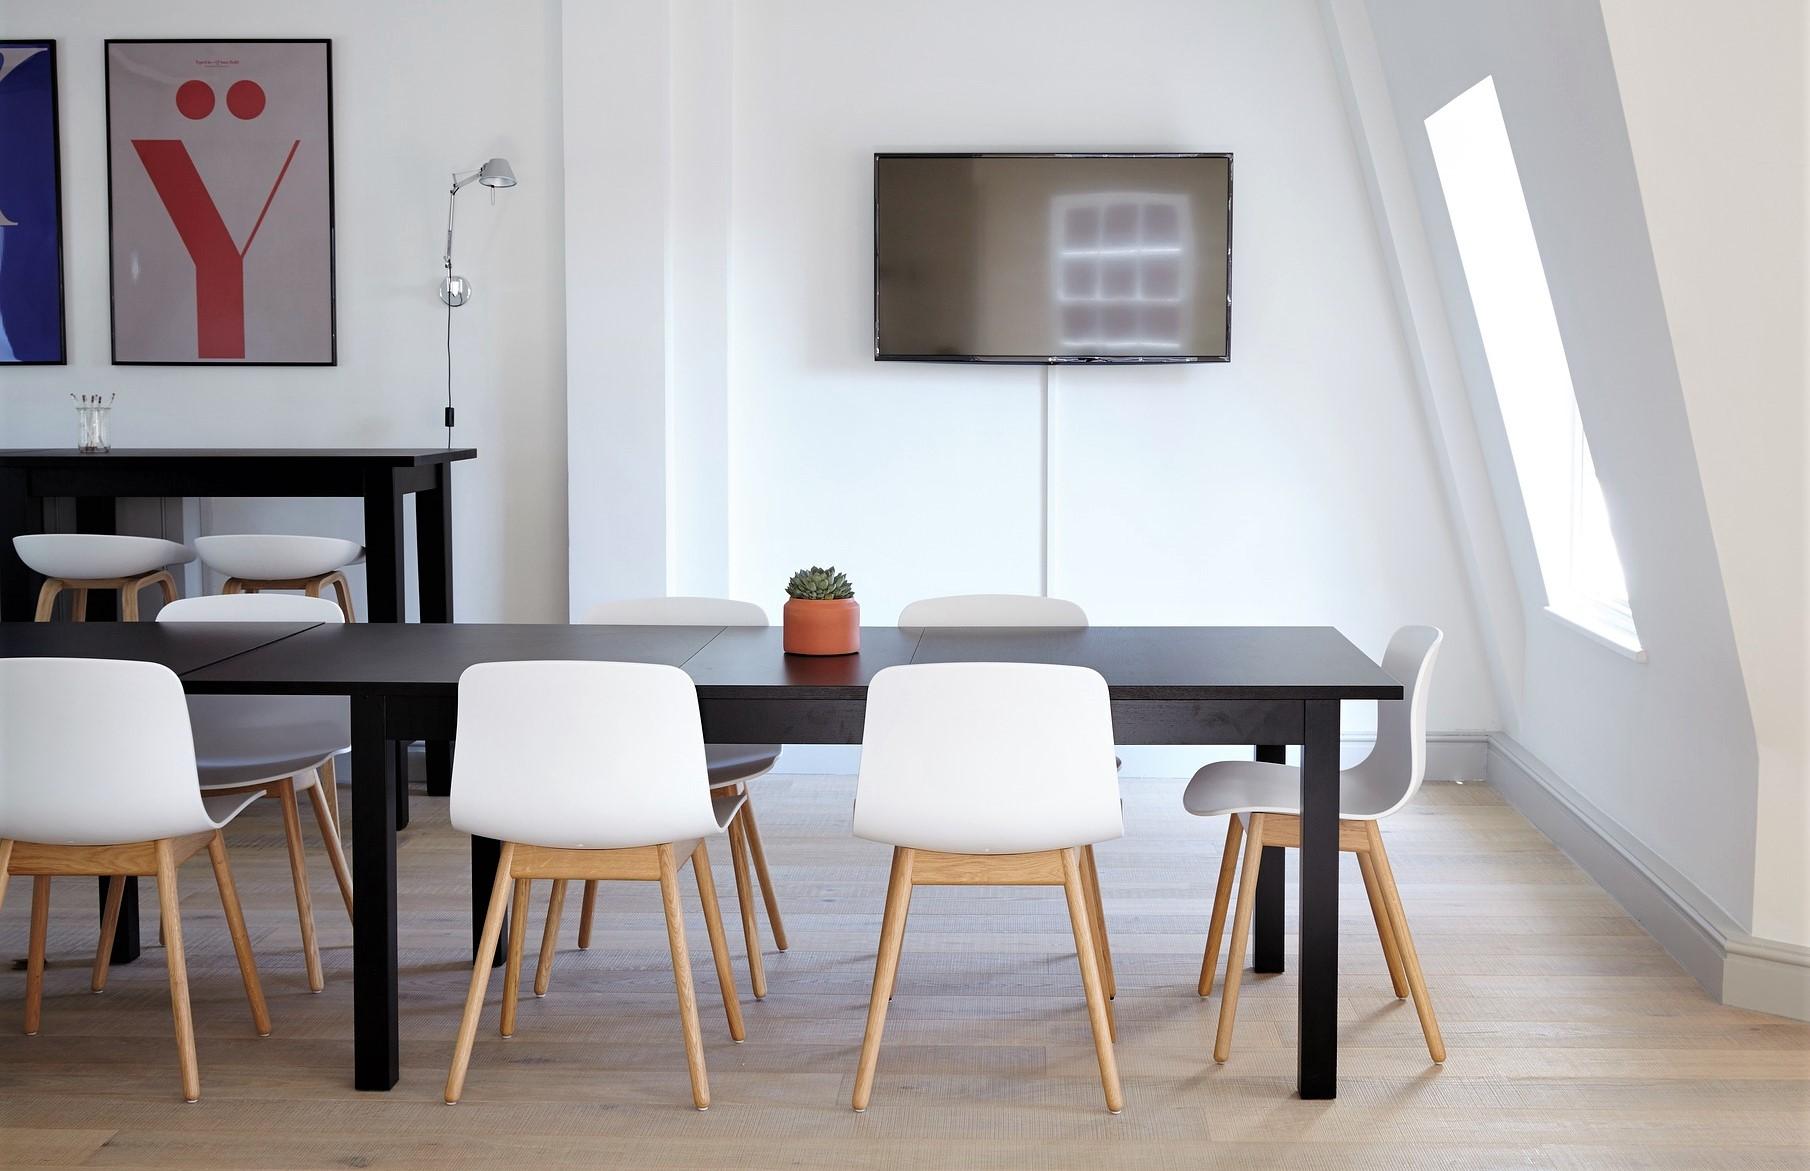 Pourquoi choisir des chaises design pour sa déco intérieure ?